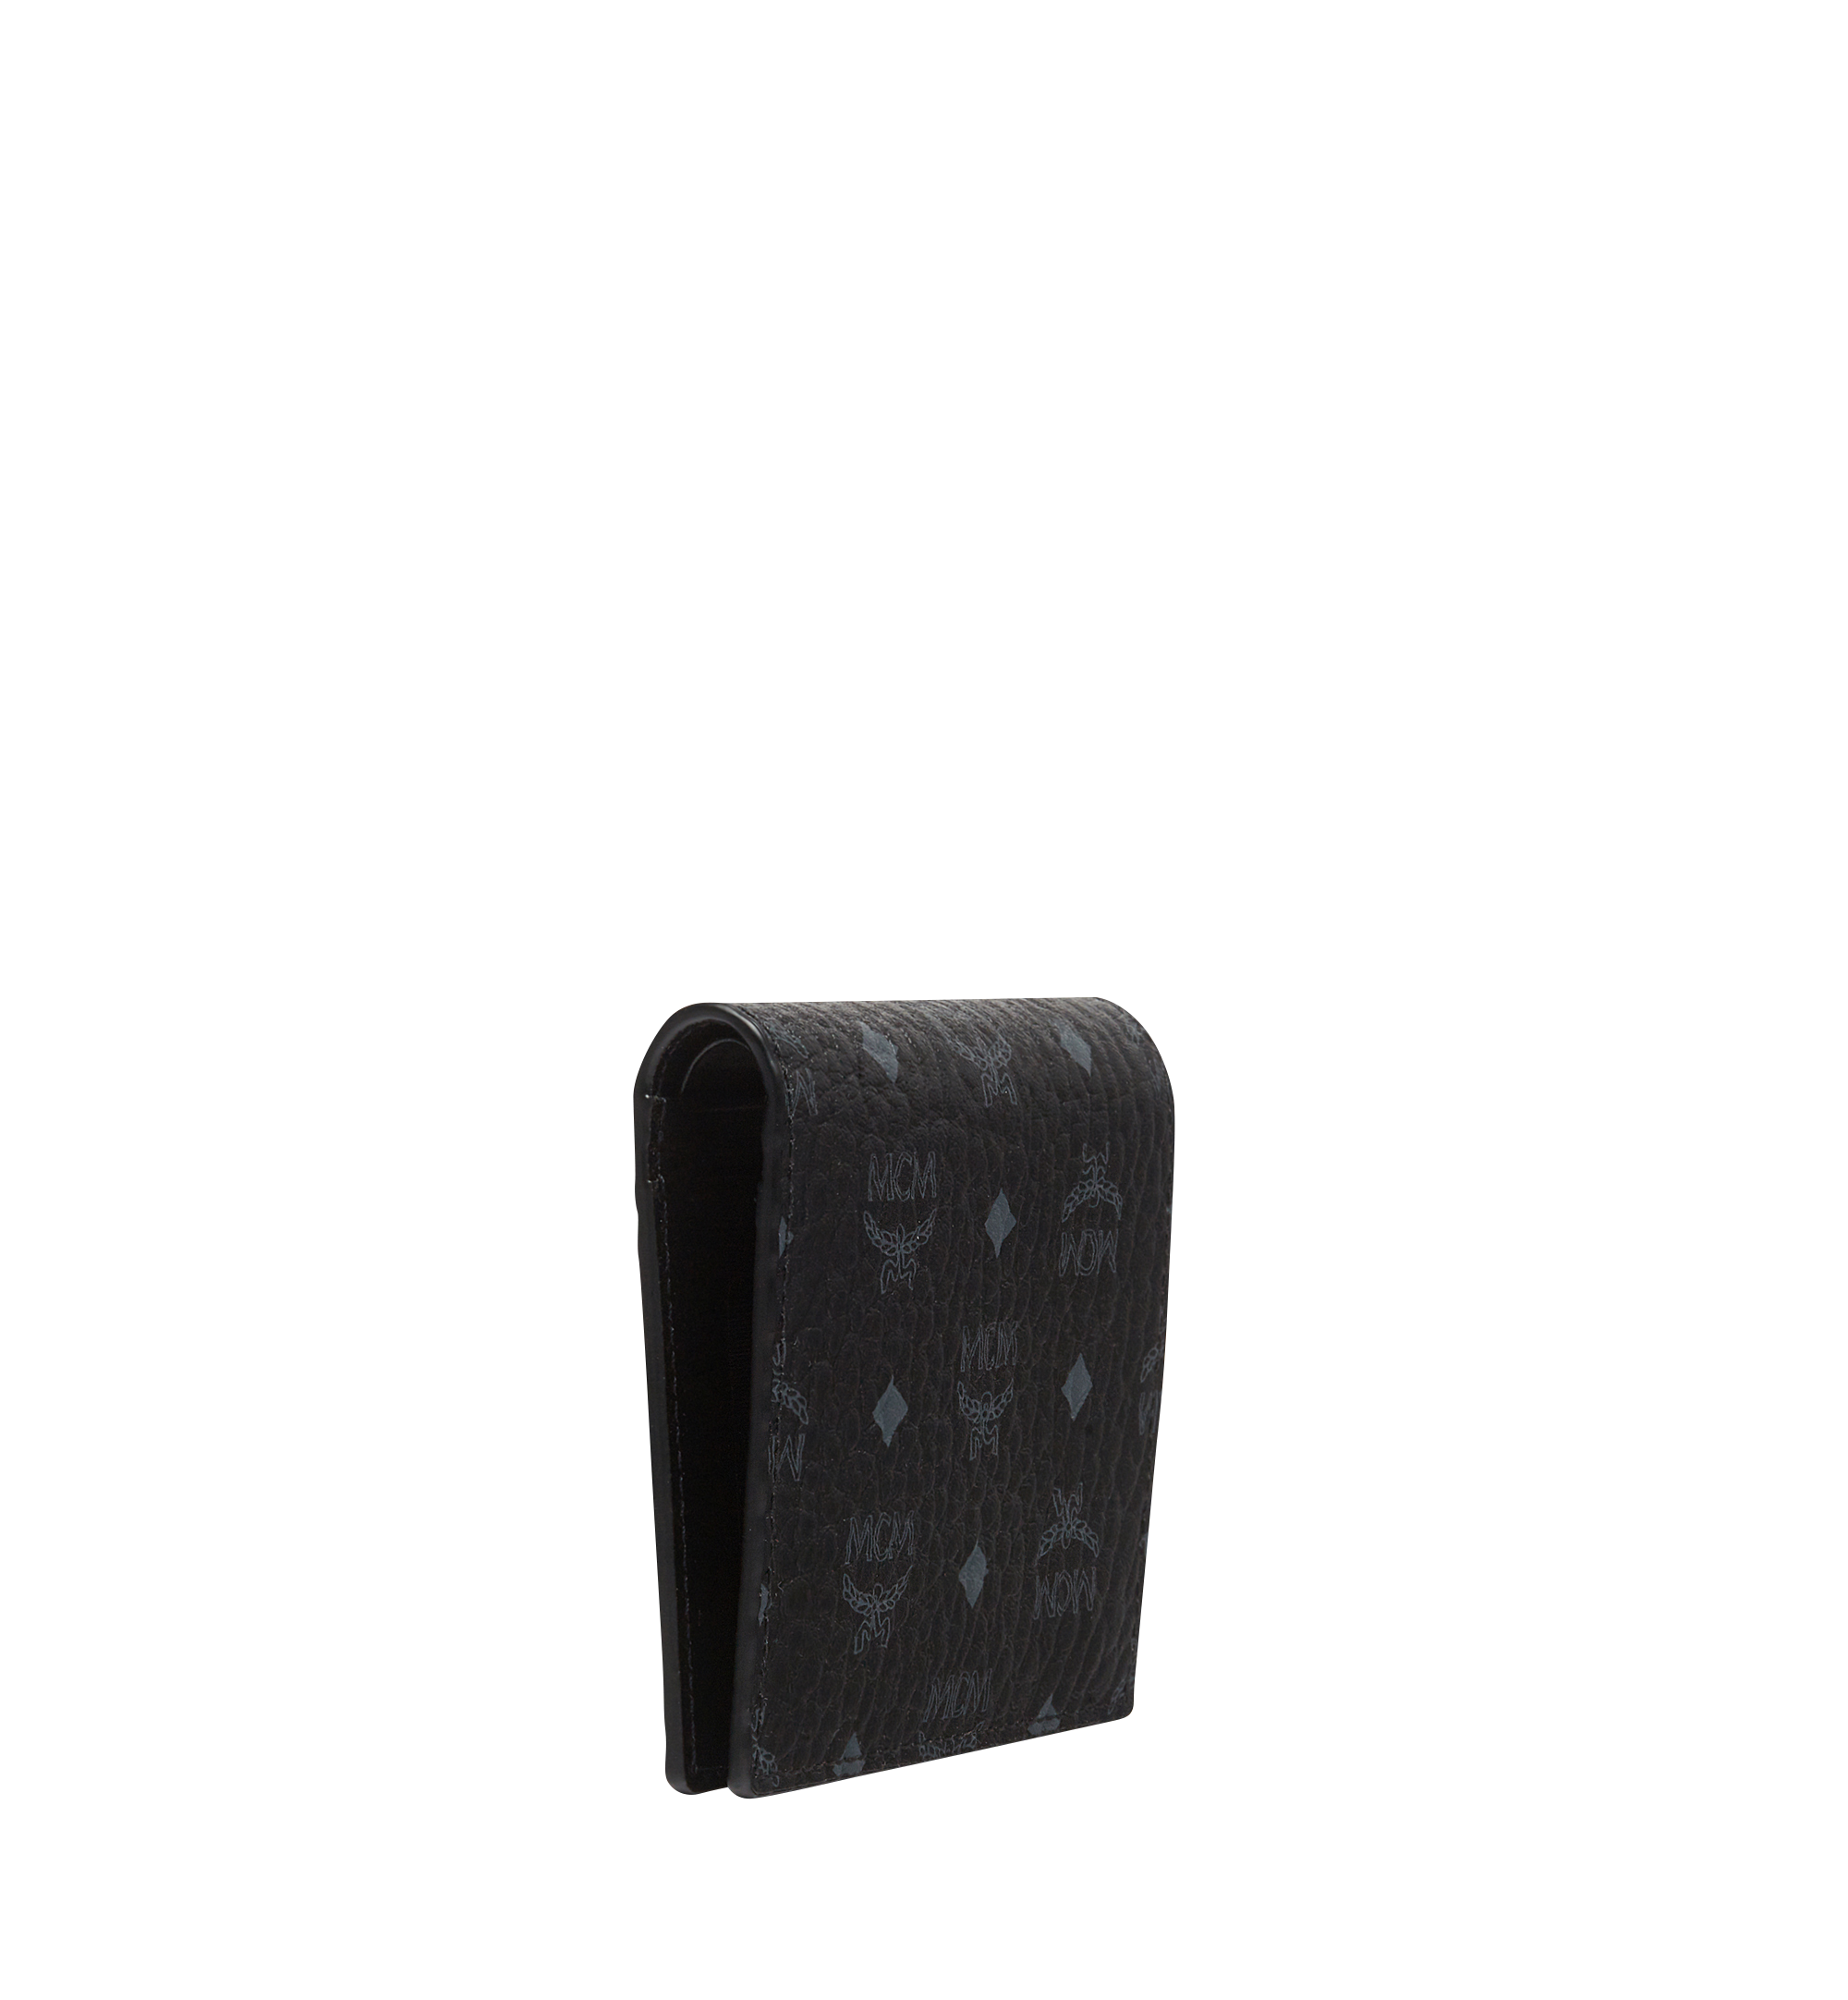 MCM Brieftasche mit Rundum-Reissverschluss in Visetos Original Black MYS8SVI94BK001 Alternate View 2